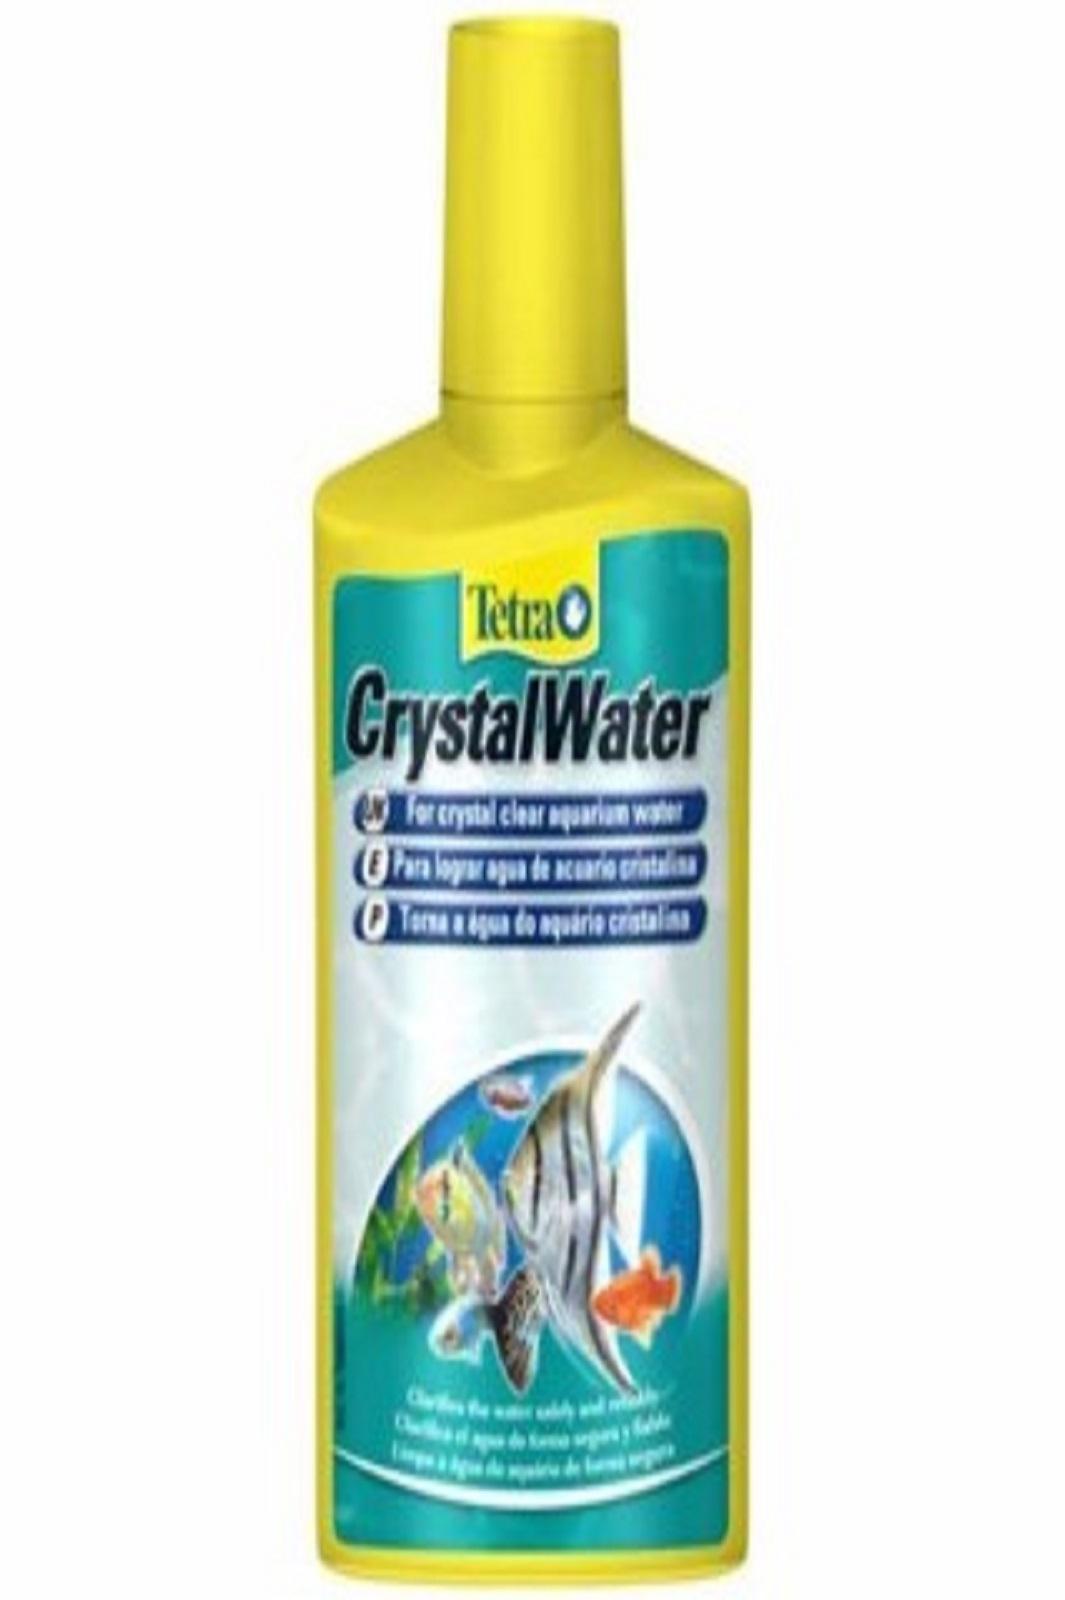 Tetra Crystal Water 250 ml für kristallklares Aquarium Wasser